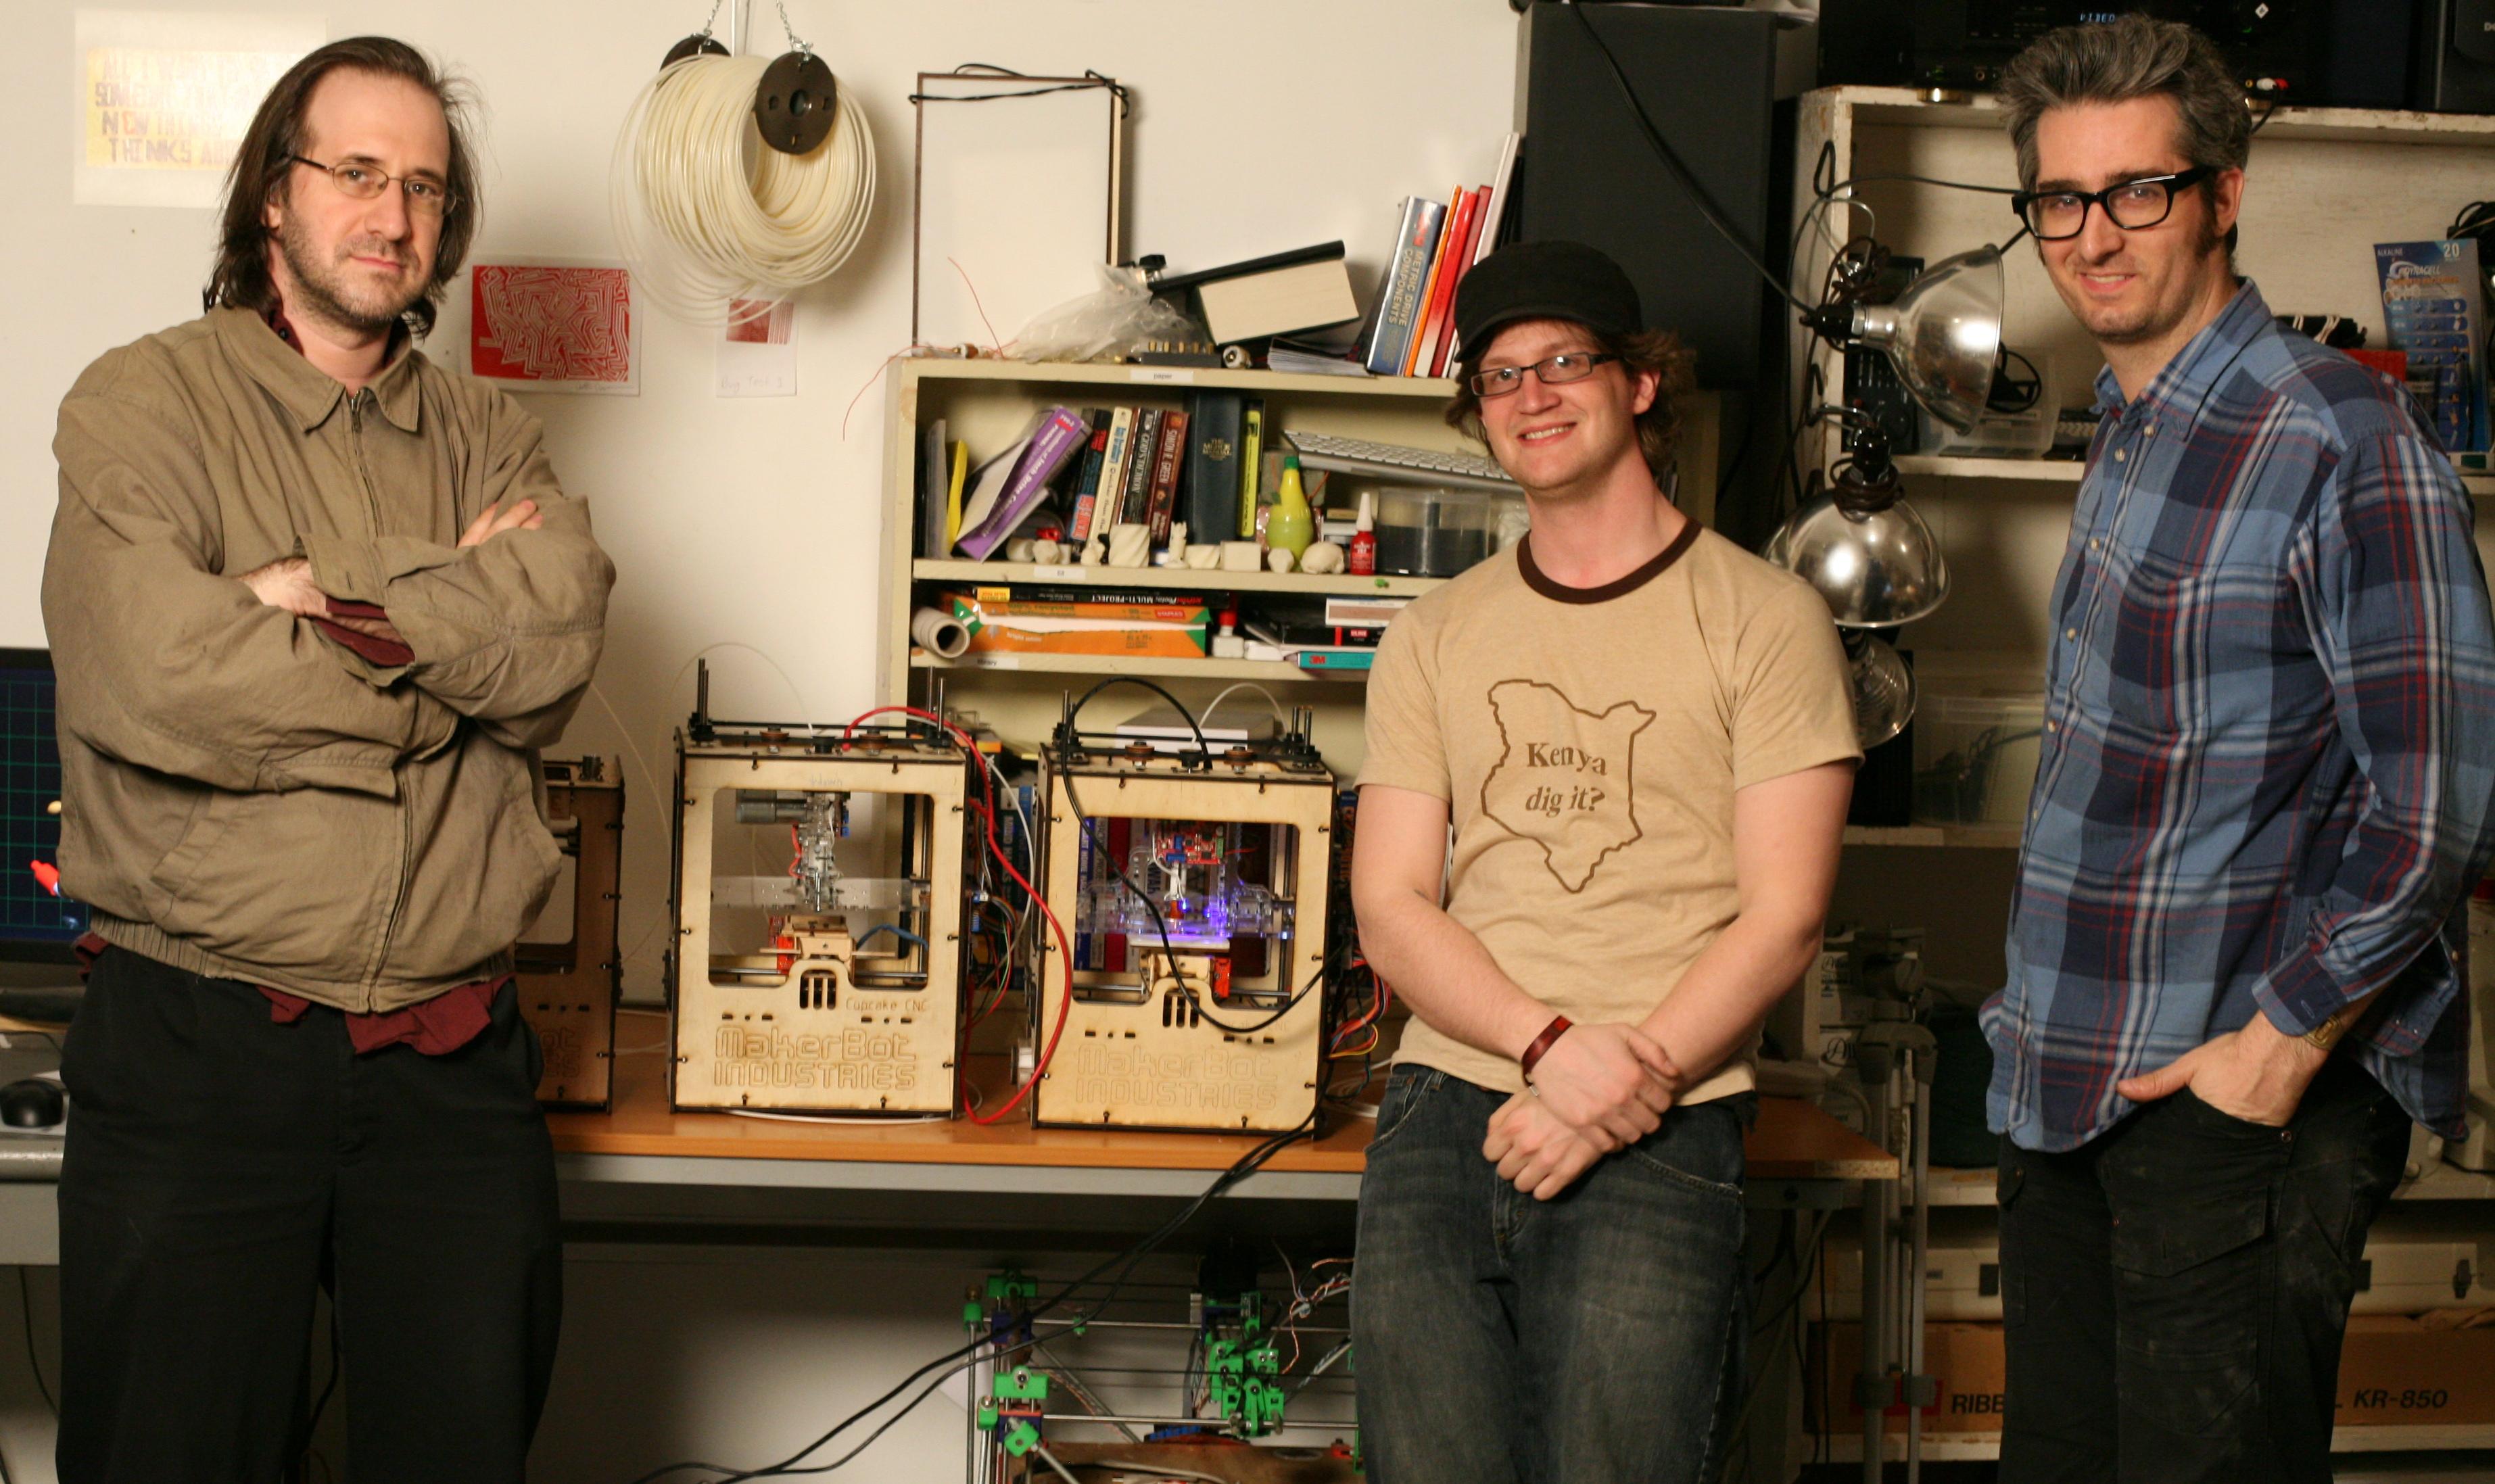 メーカーボットインダストリーズ創業者がカスタムギフト製造ベンチャー企業を立上げ